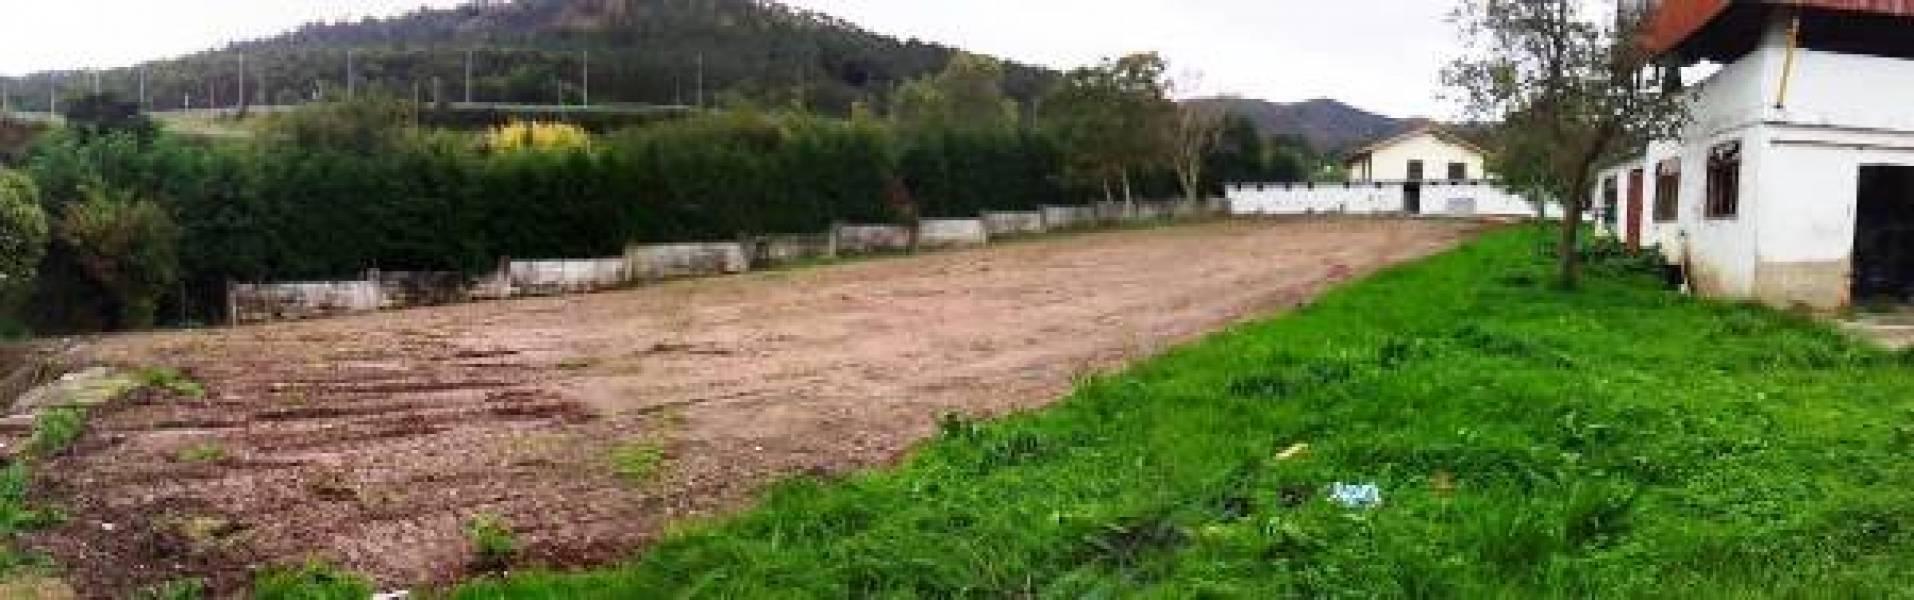 Venta de terreno rural en cudillero - imagenInmueble2